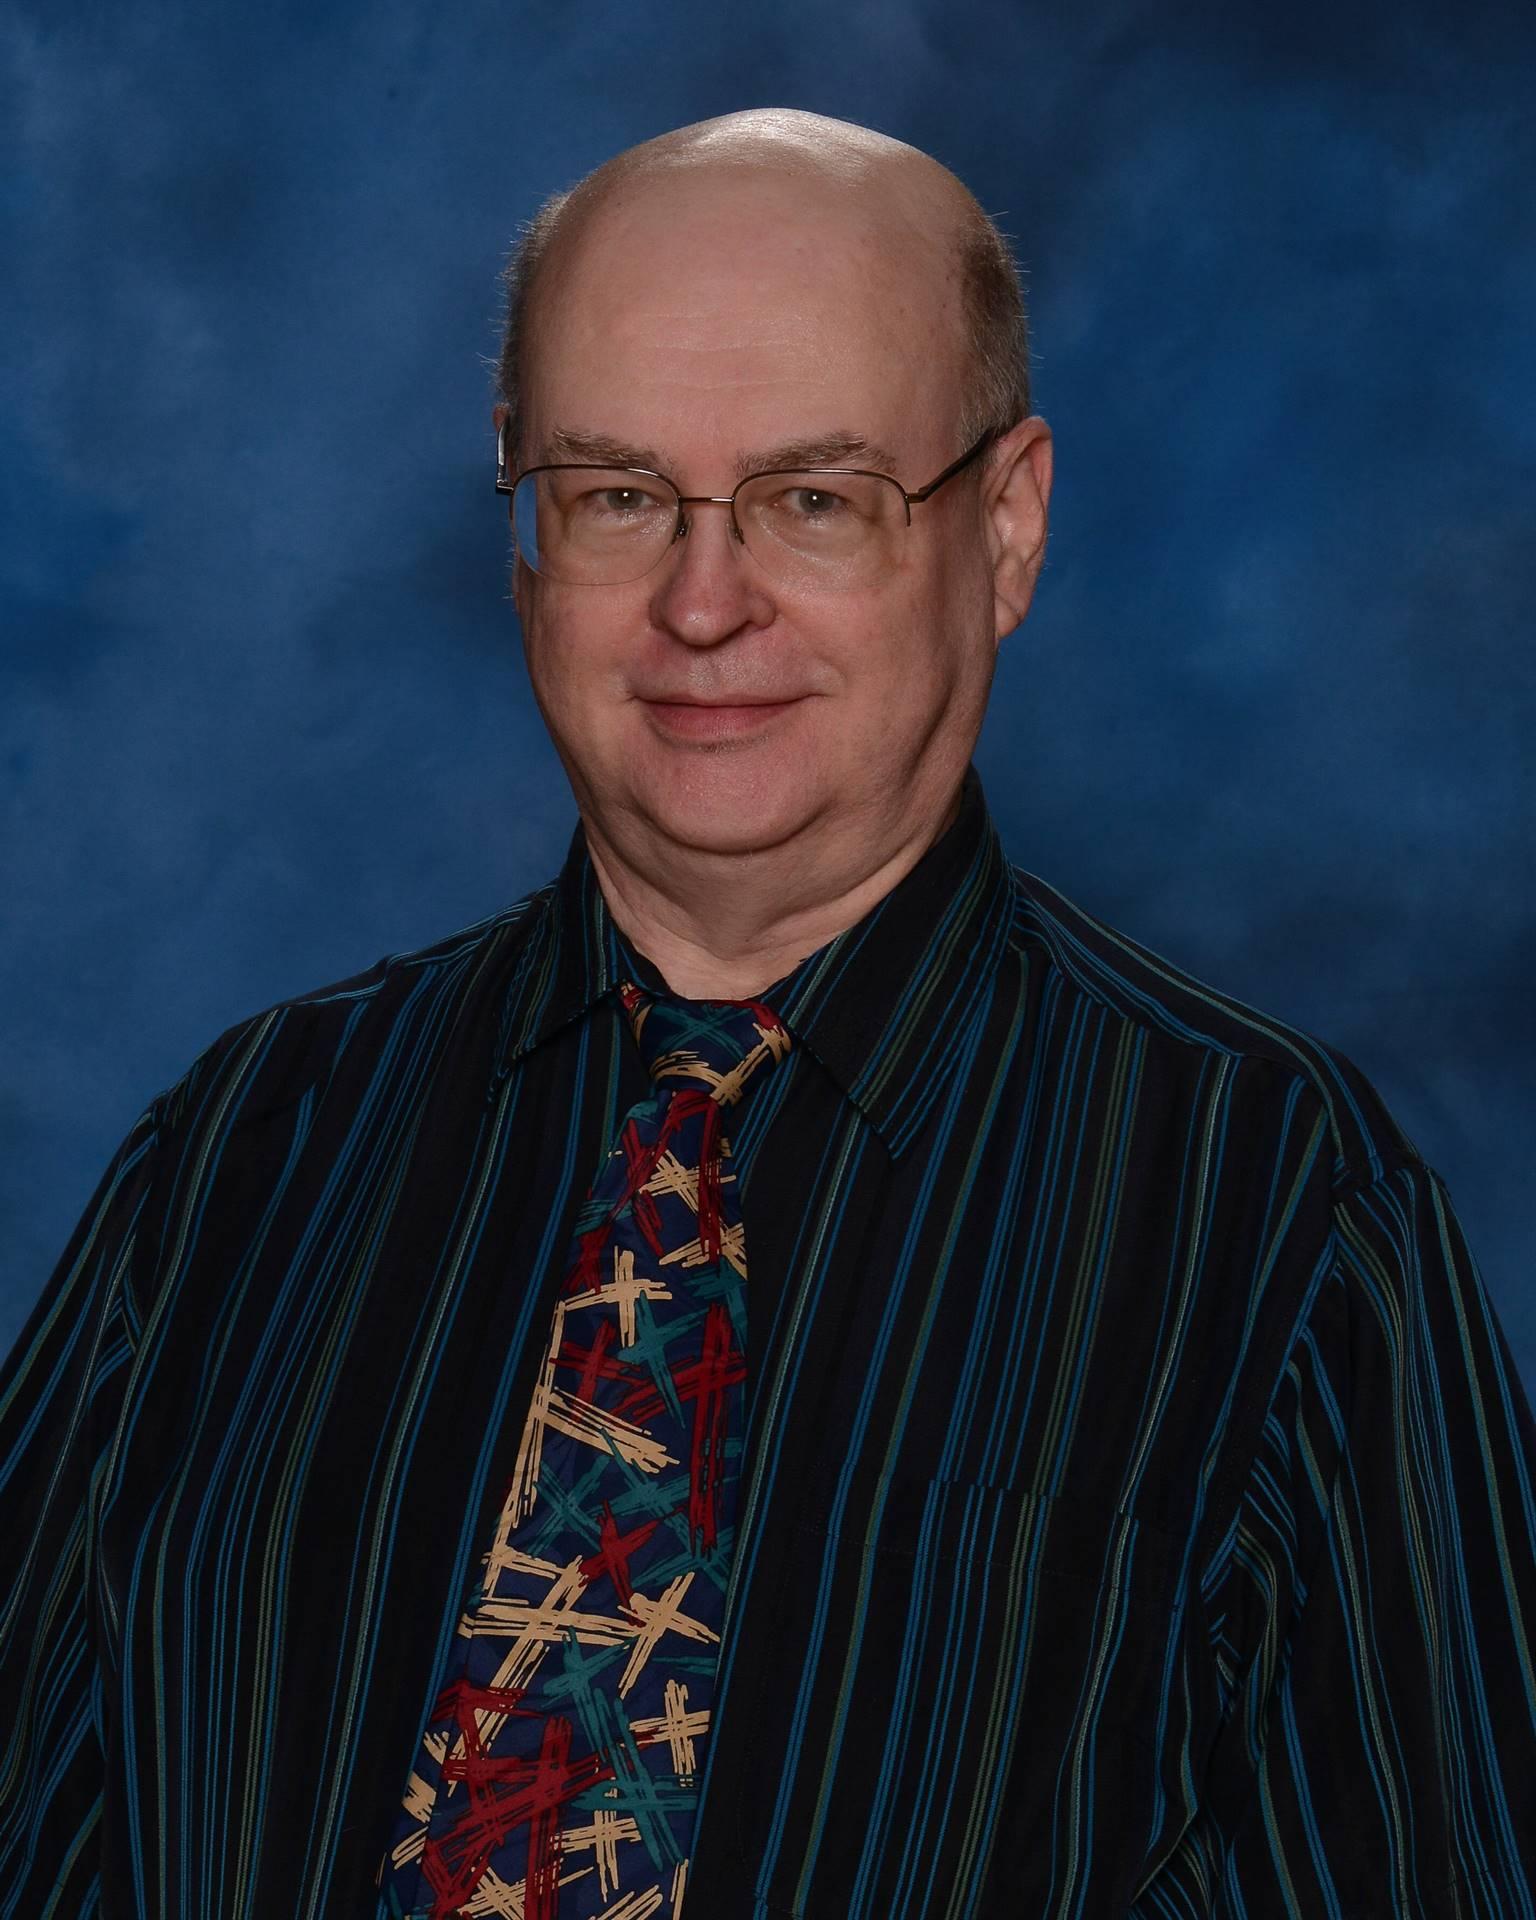 Mr. Marks